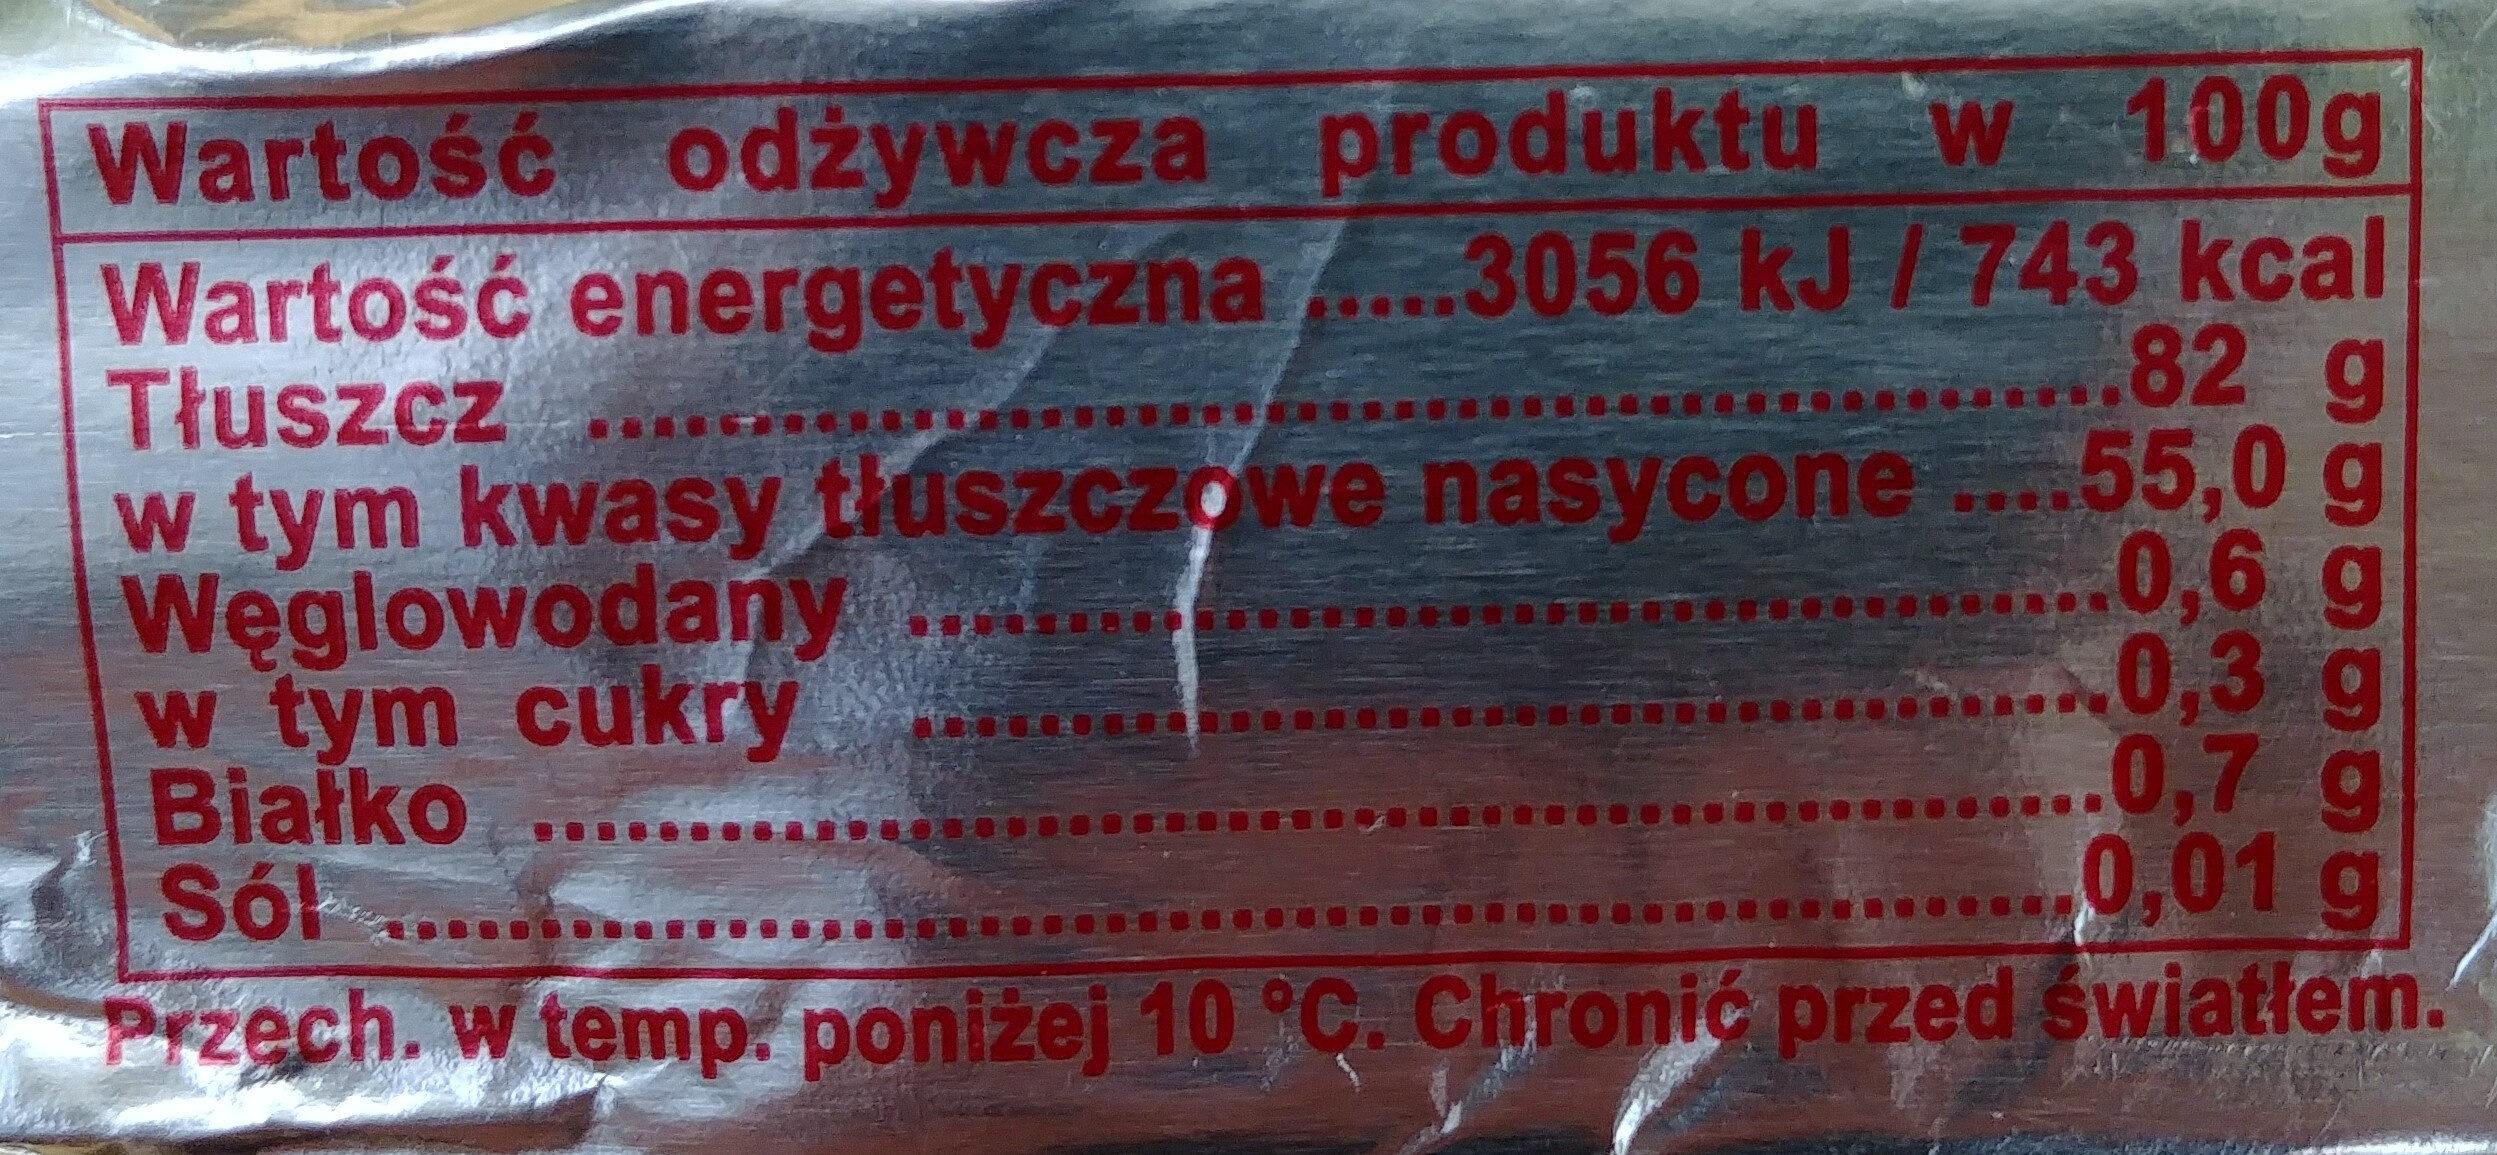 Masło ekstra Staropolskie. - Wartości odżywcze - pl